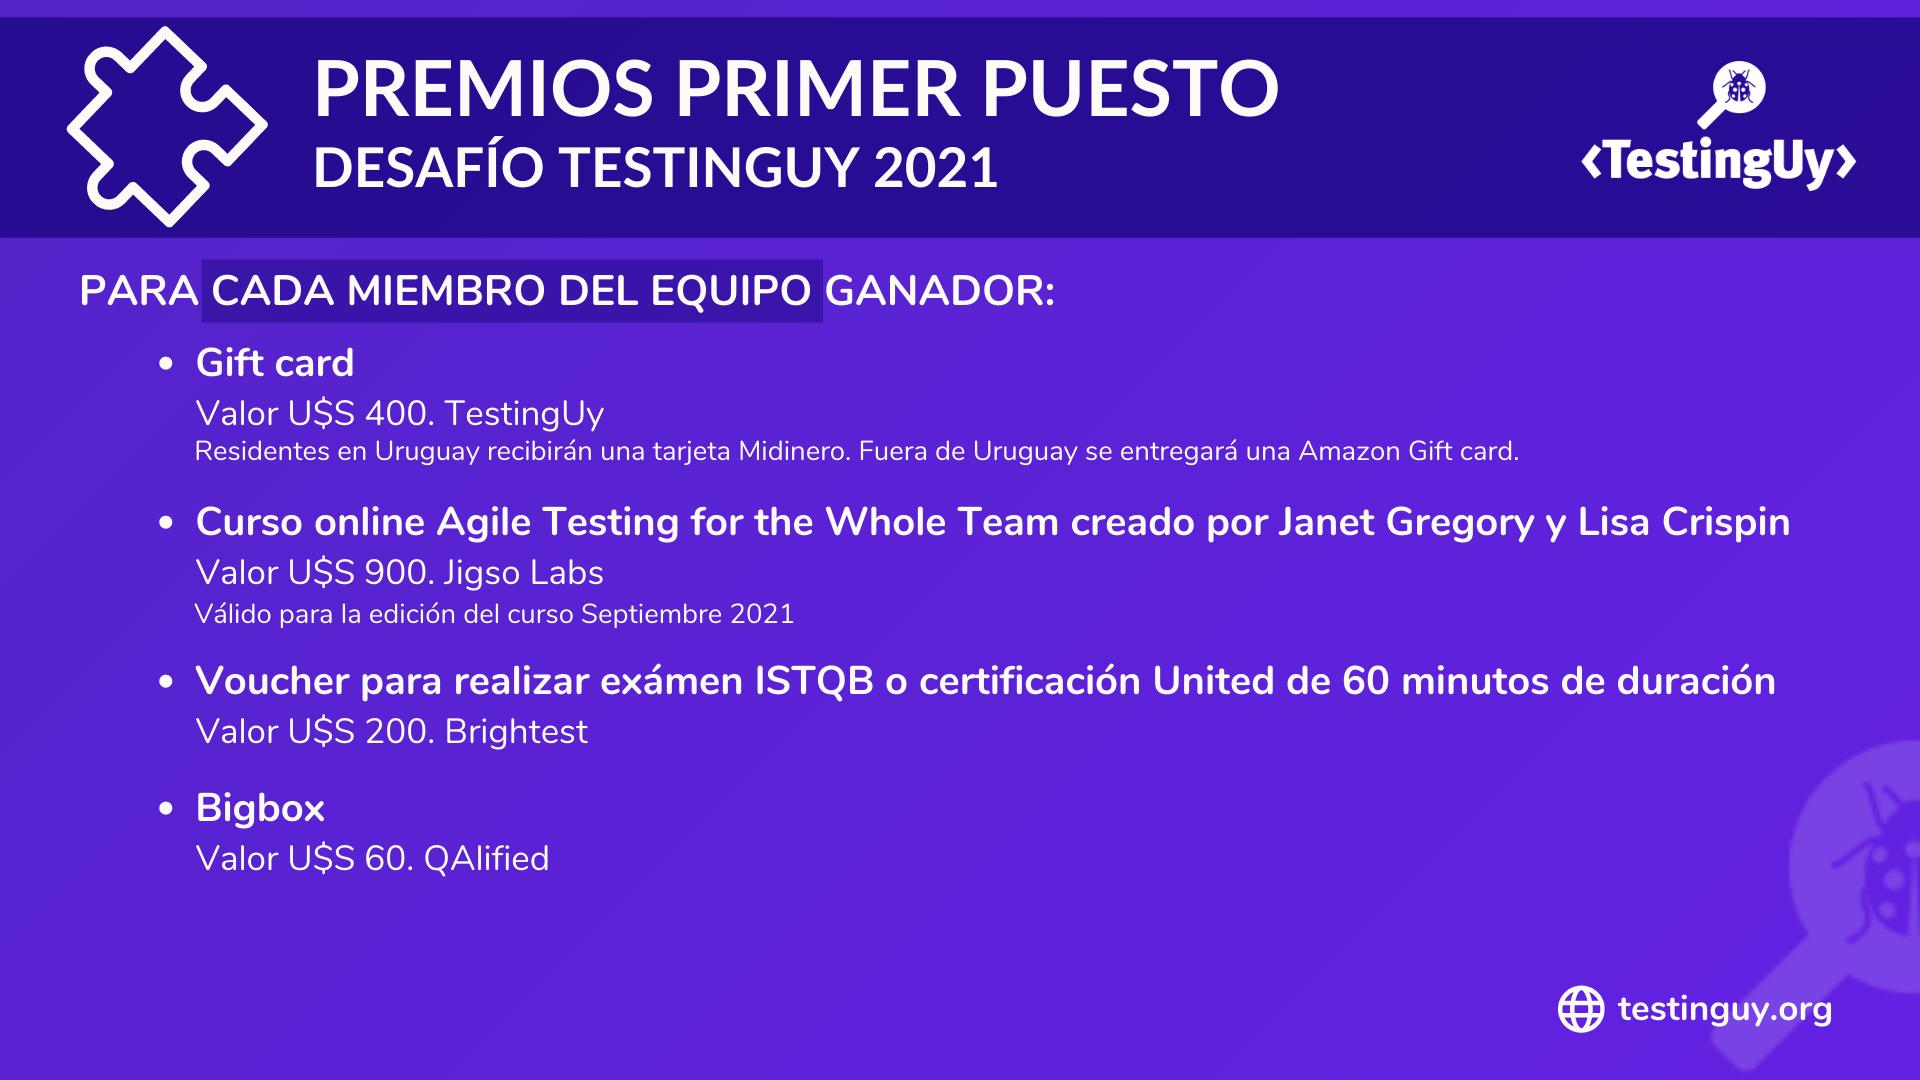 Desafio TestingUy 2021 - Premios Primer puesto